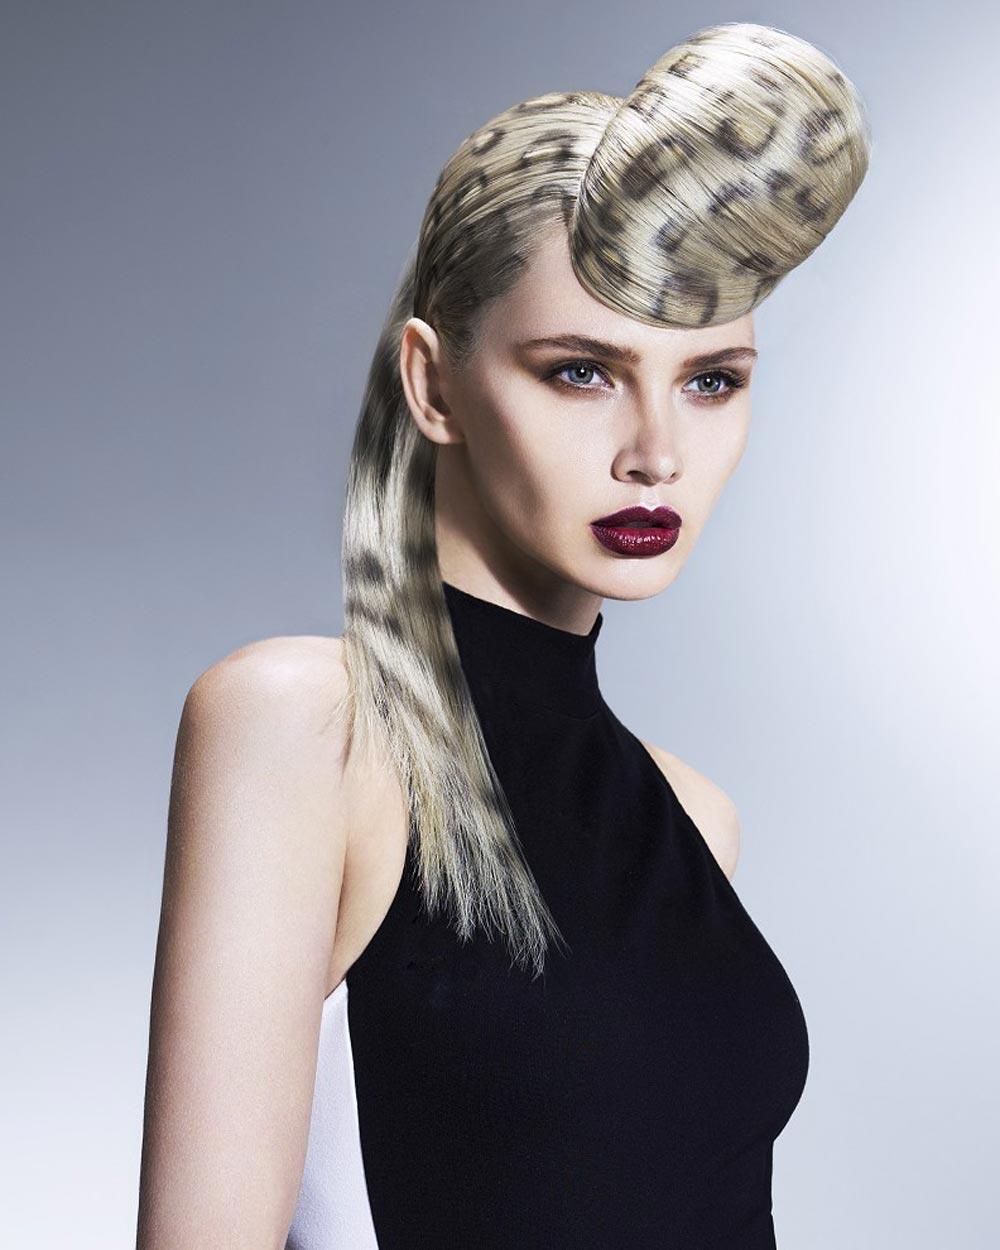 Čierne a biele vlasy – skúste si na blond vlasy nastriekať čierne vzory.